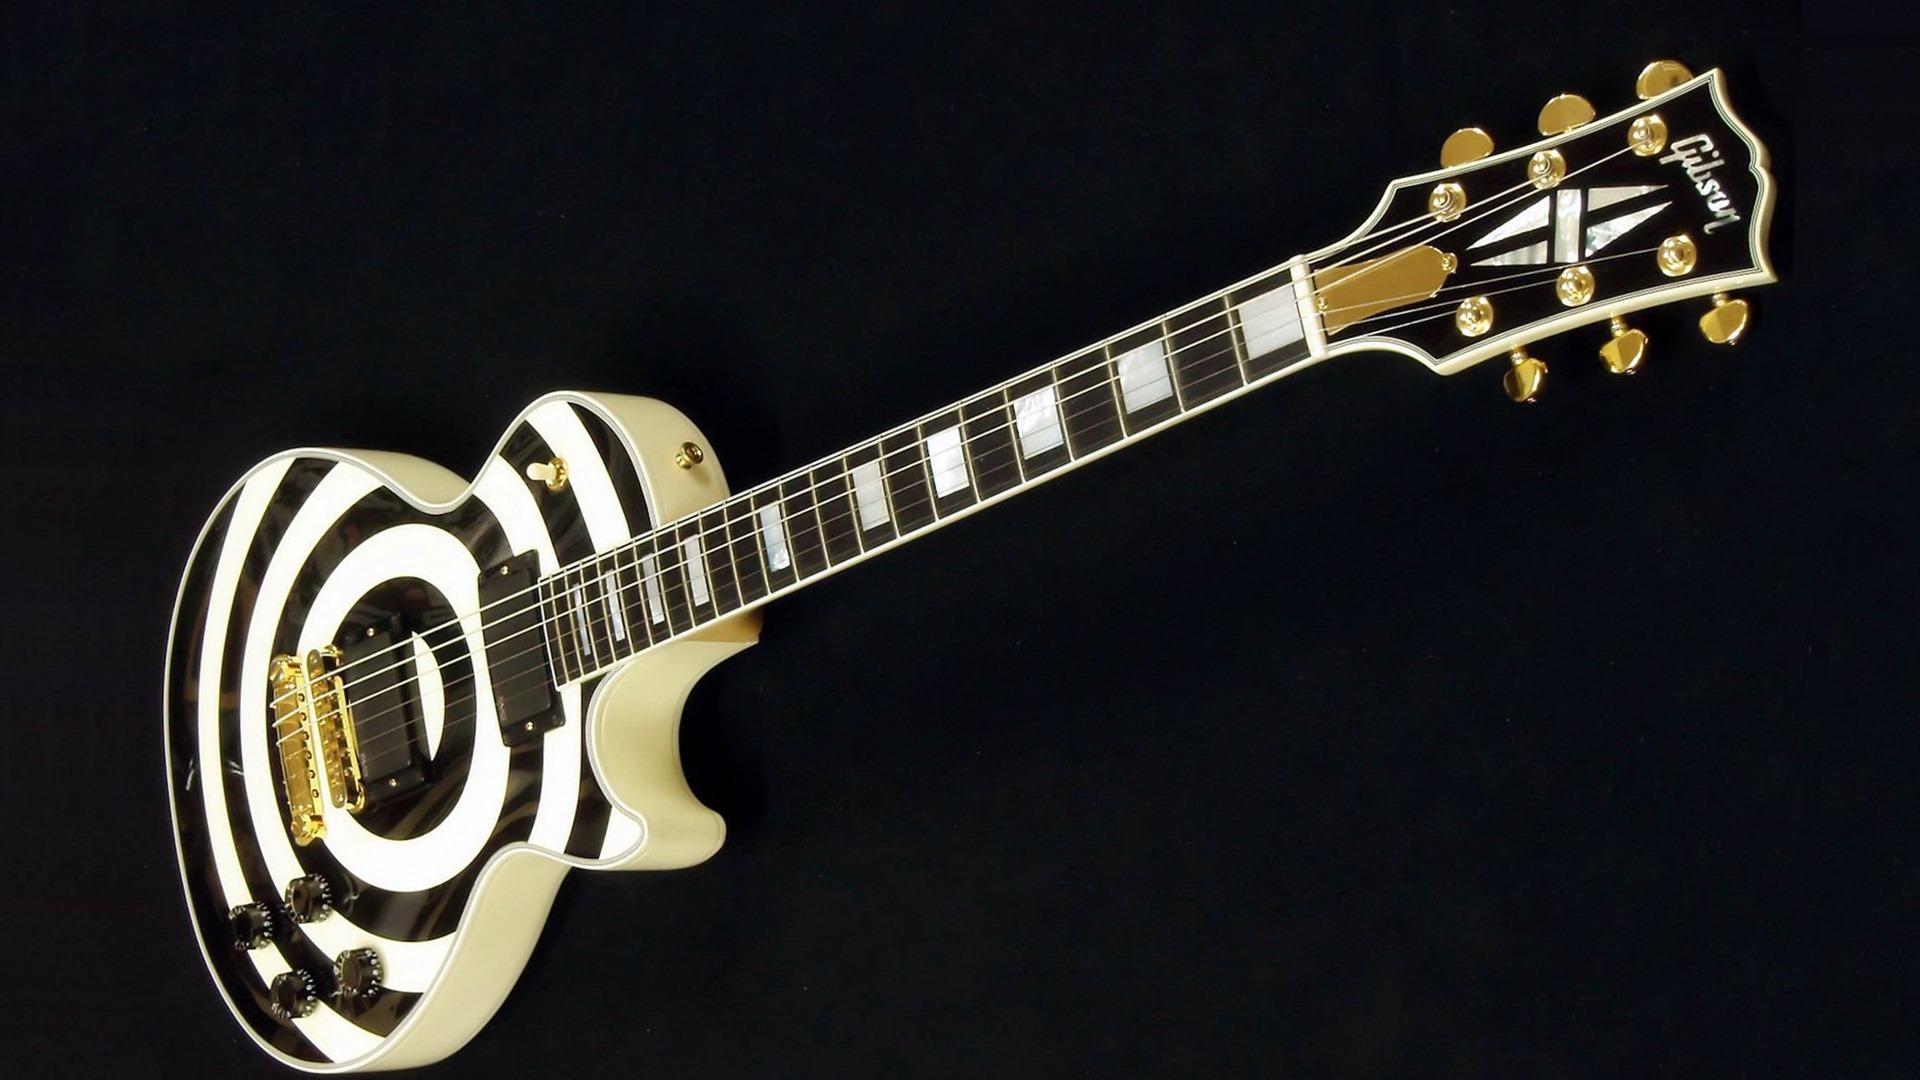 gibson guitar wallpapers free wallpapersafari